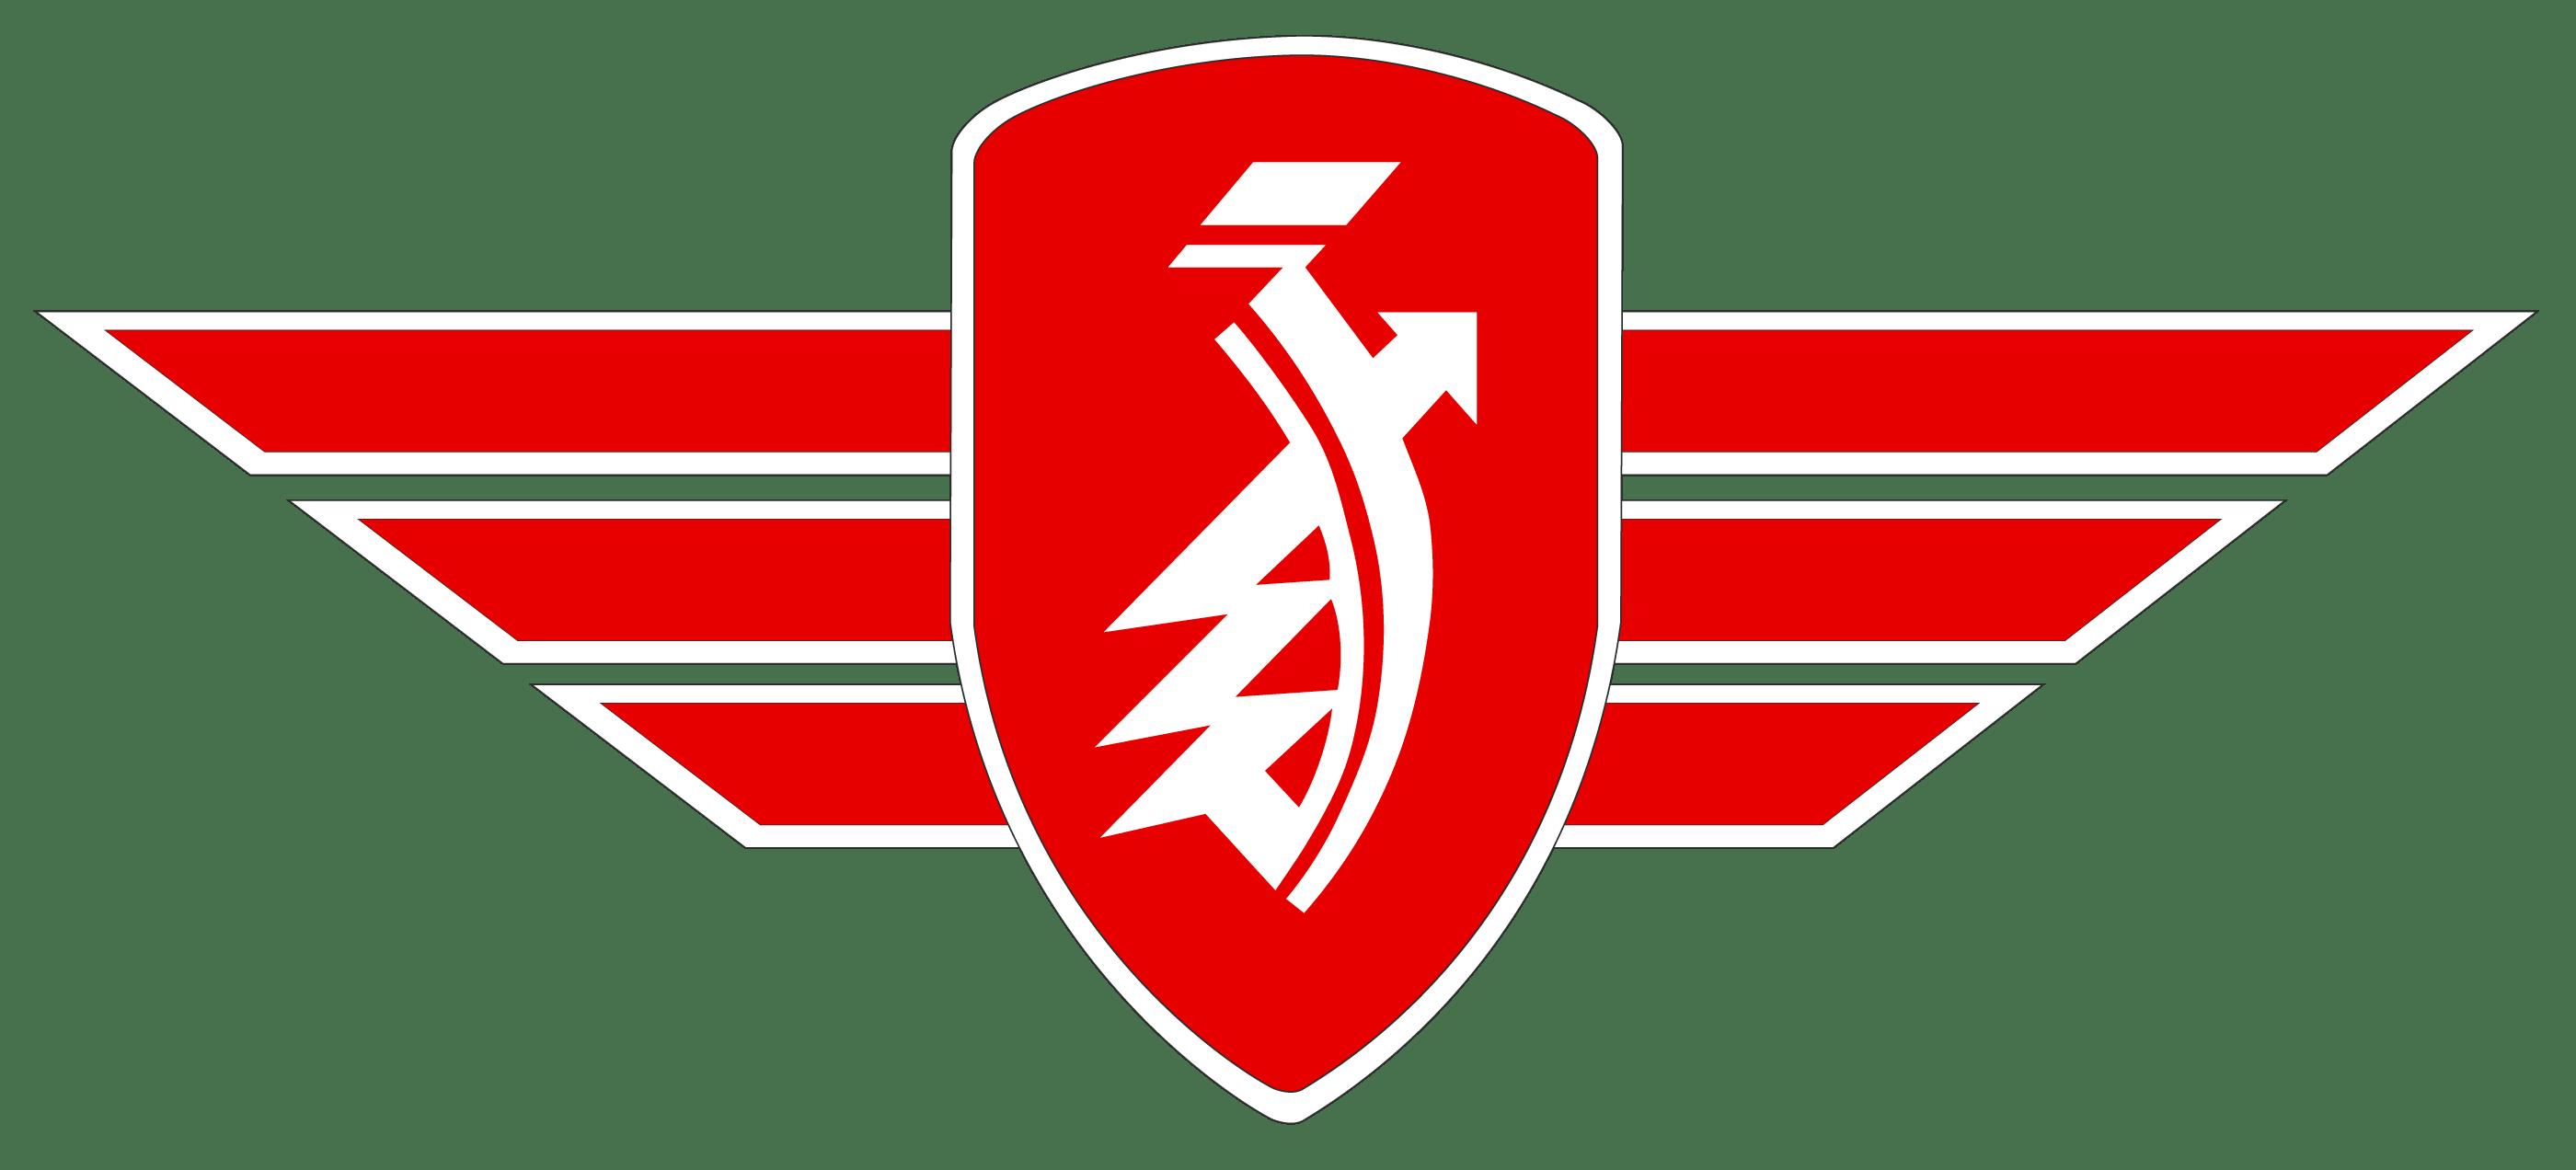 Zündapp Logo: Histor